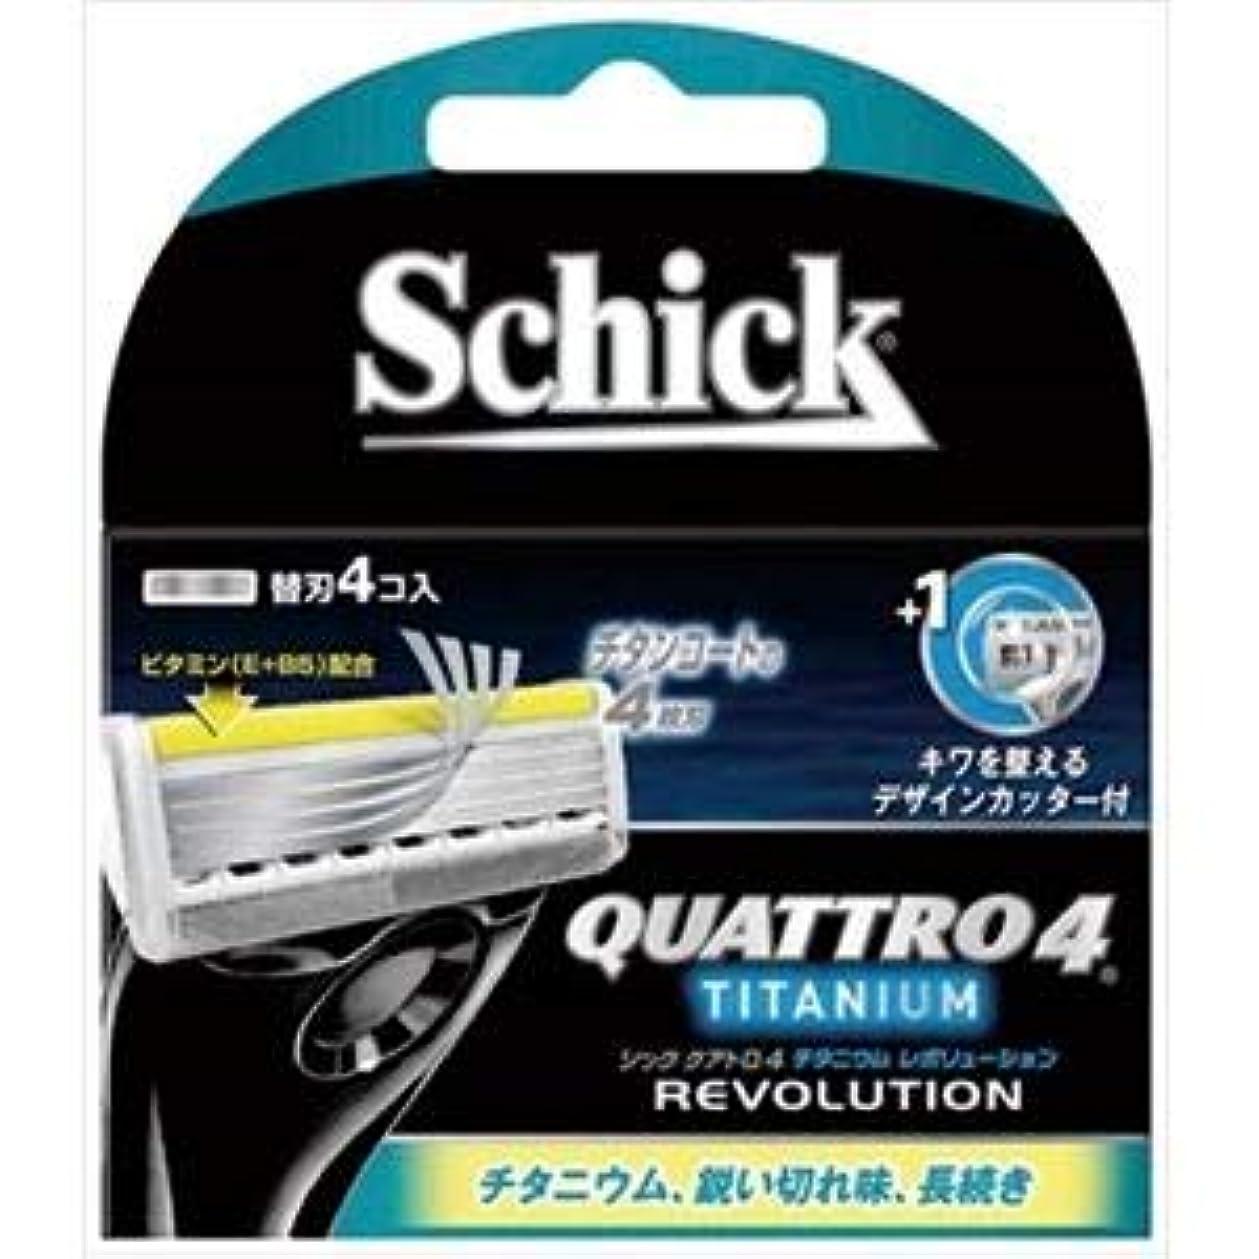 五邪魔以降(まとめ)シック(Schick) クアトロ4チタニウムレボリューション替刃(4コ入) 【×12点セット】